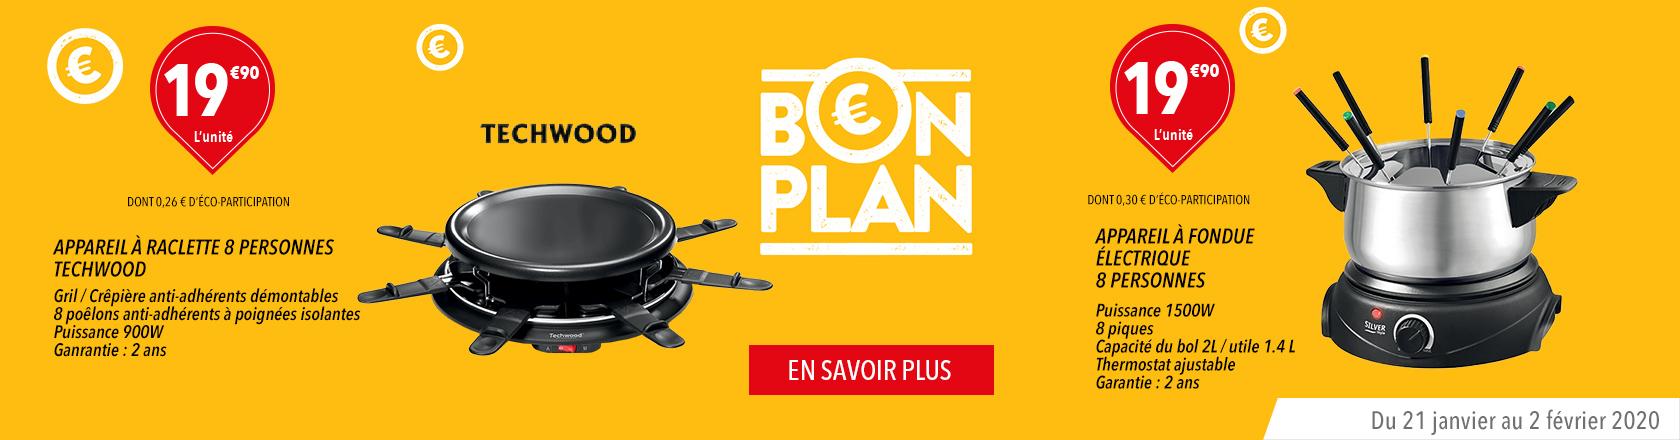 netto_slider_front_1680x440_raclette_fondue.jpg